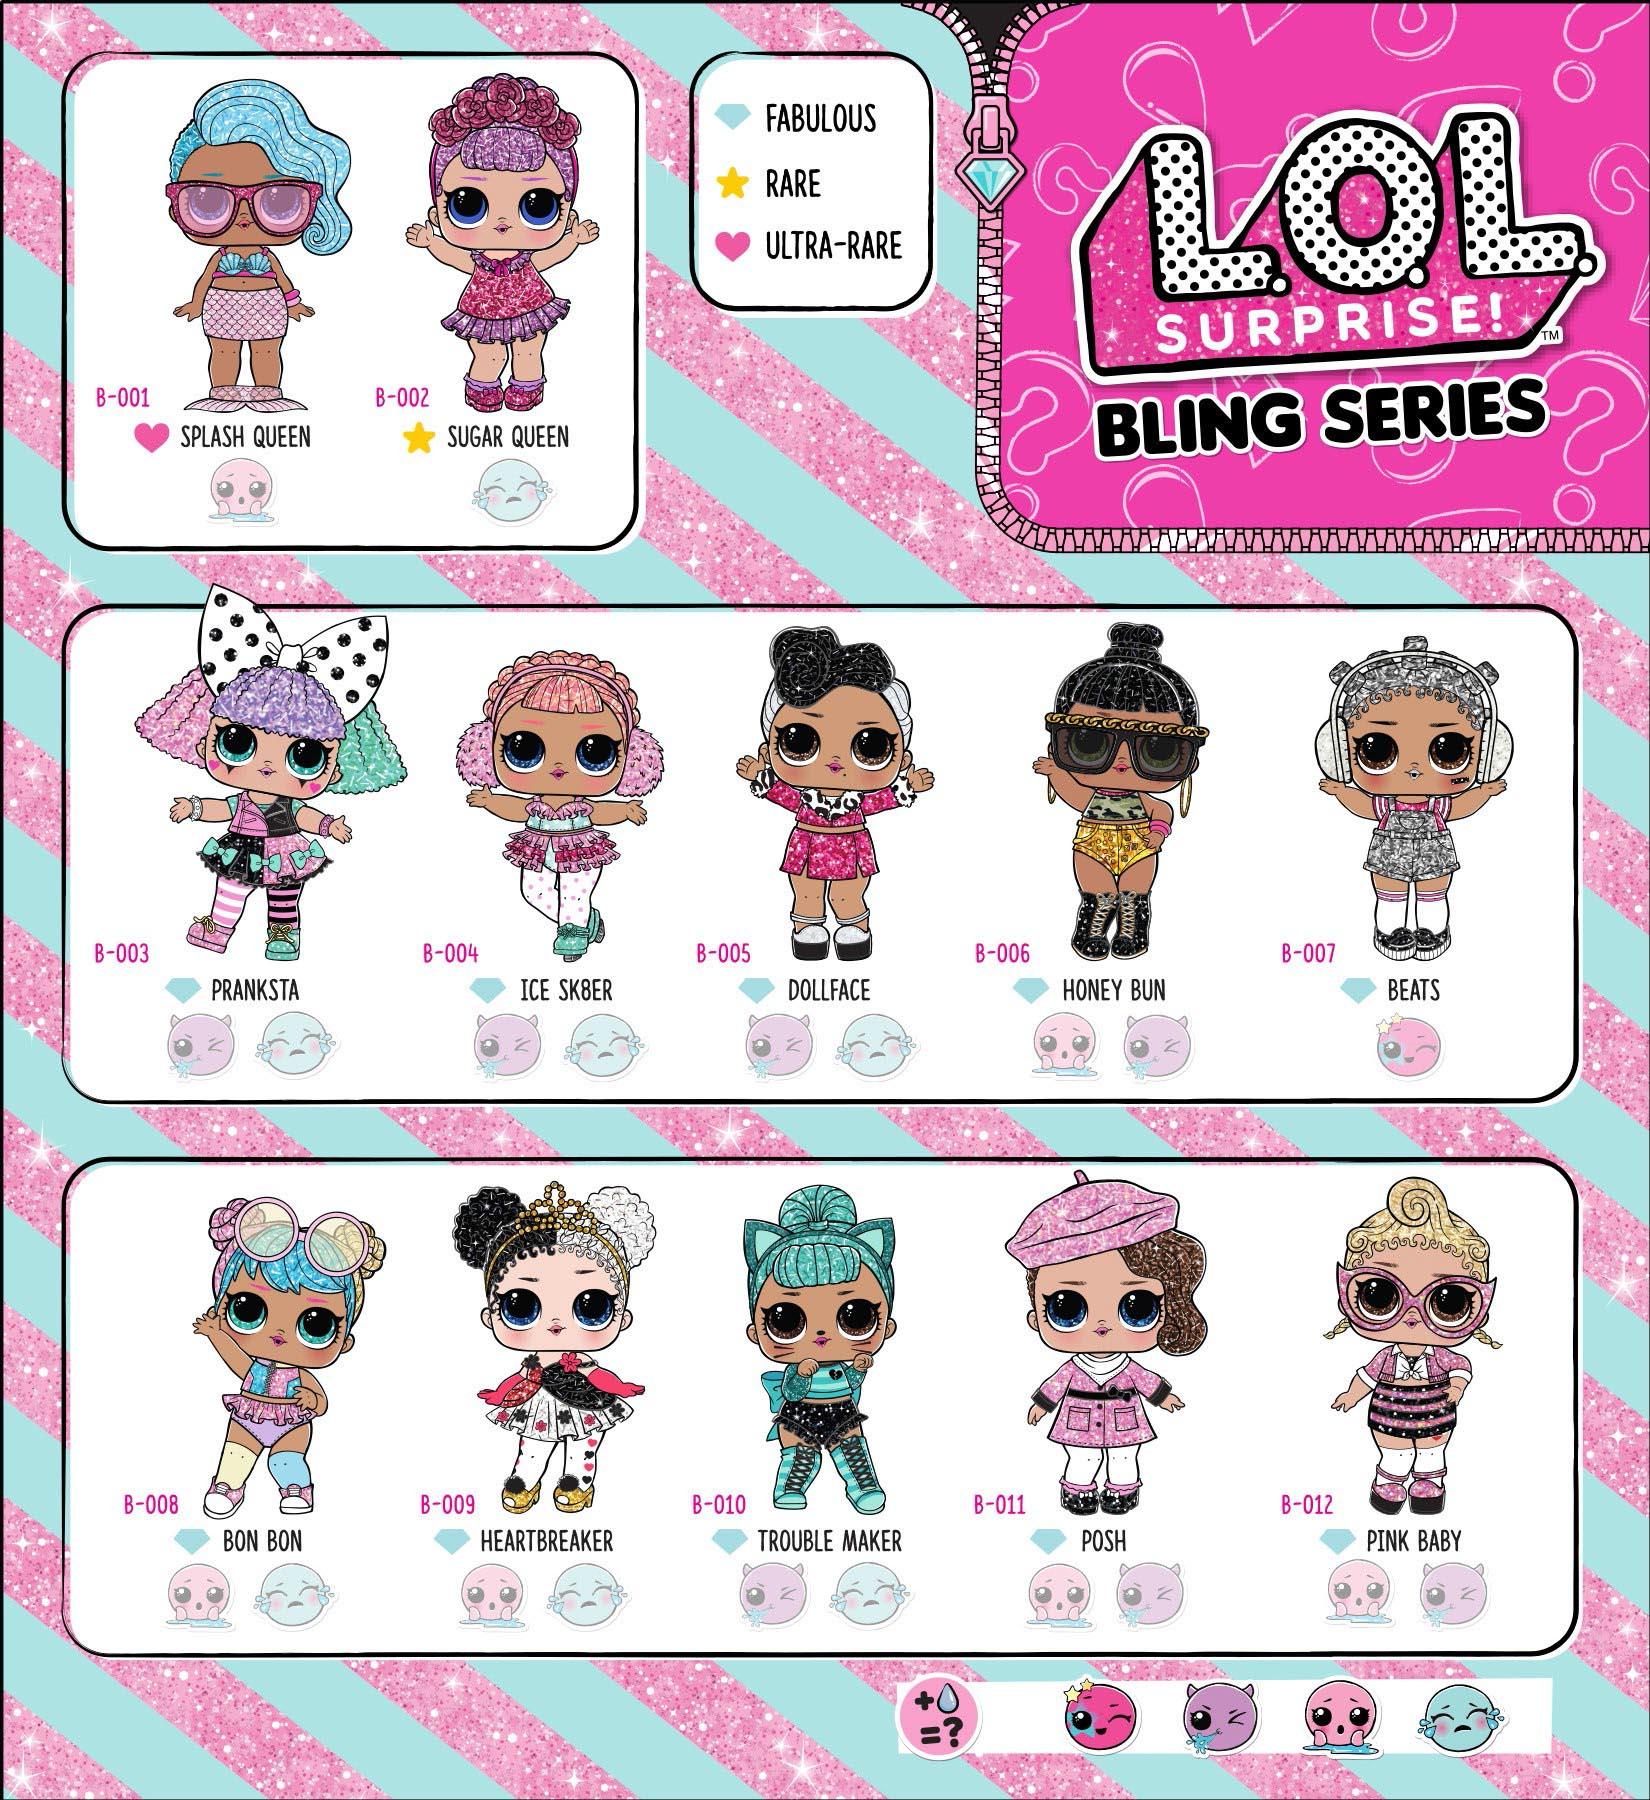 16 + Lol Surprise Dolls Checklist Images ⌁ Lol Surprise Glitter